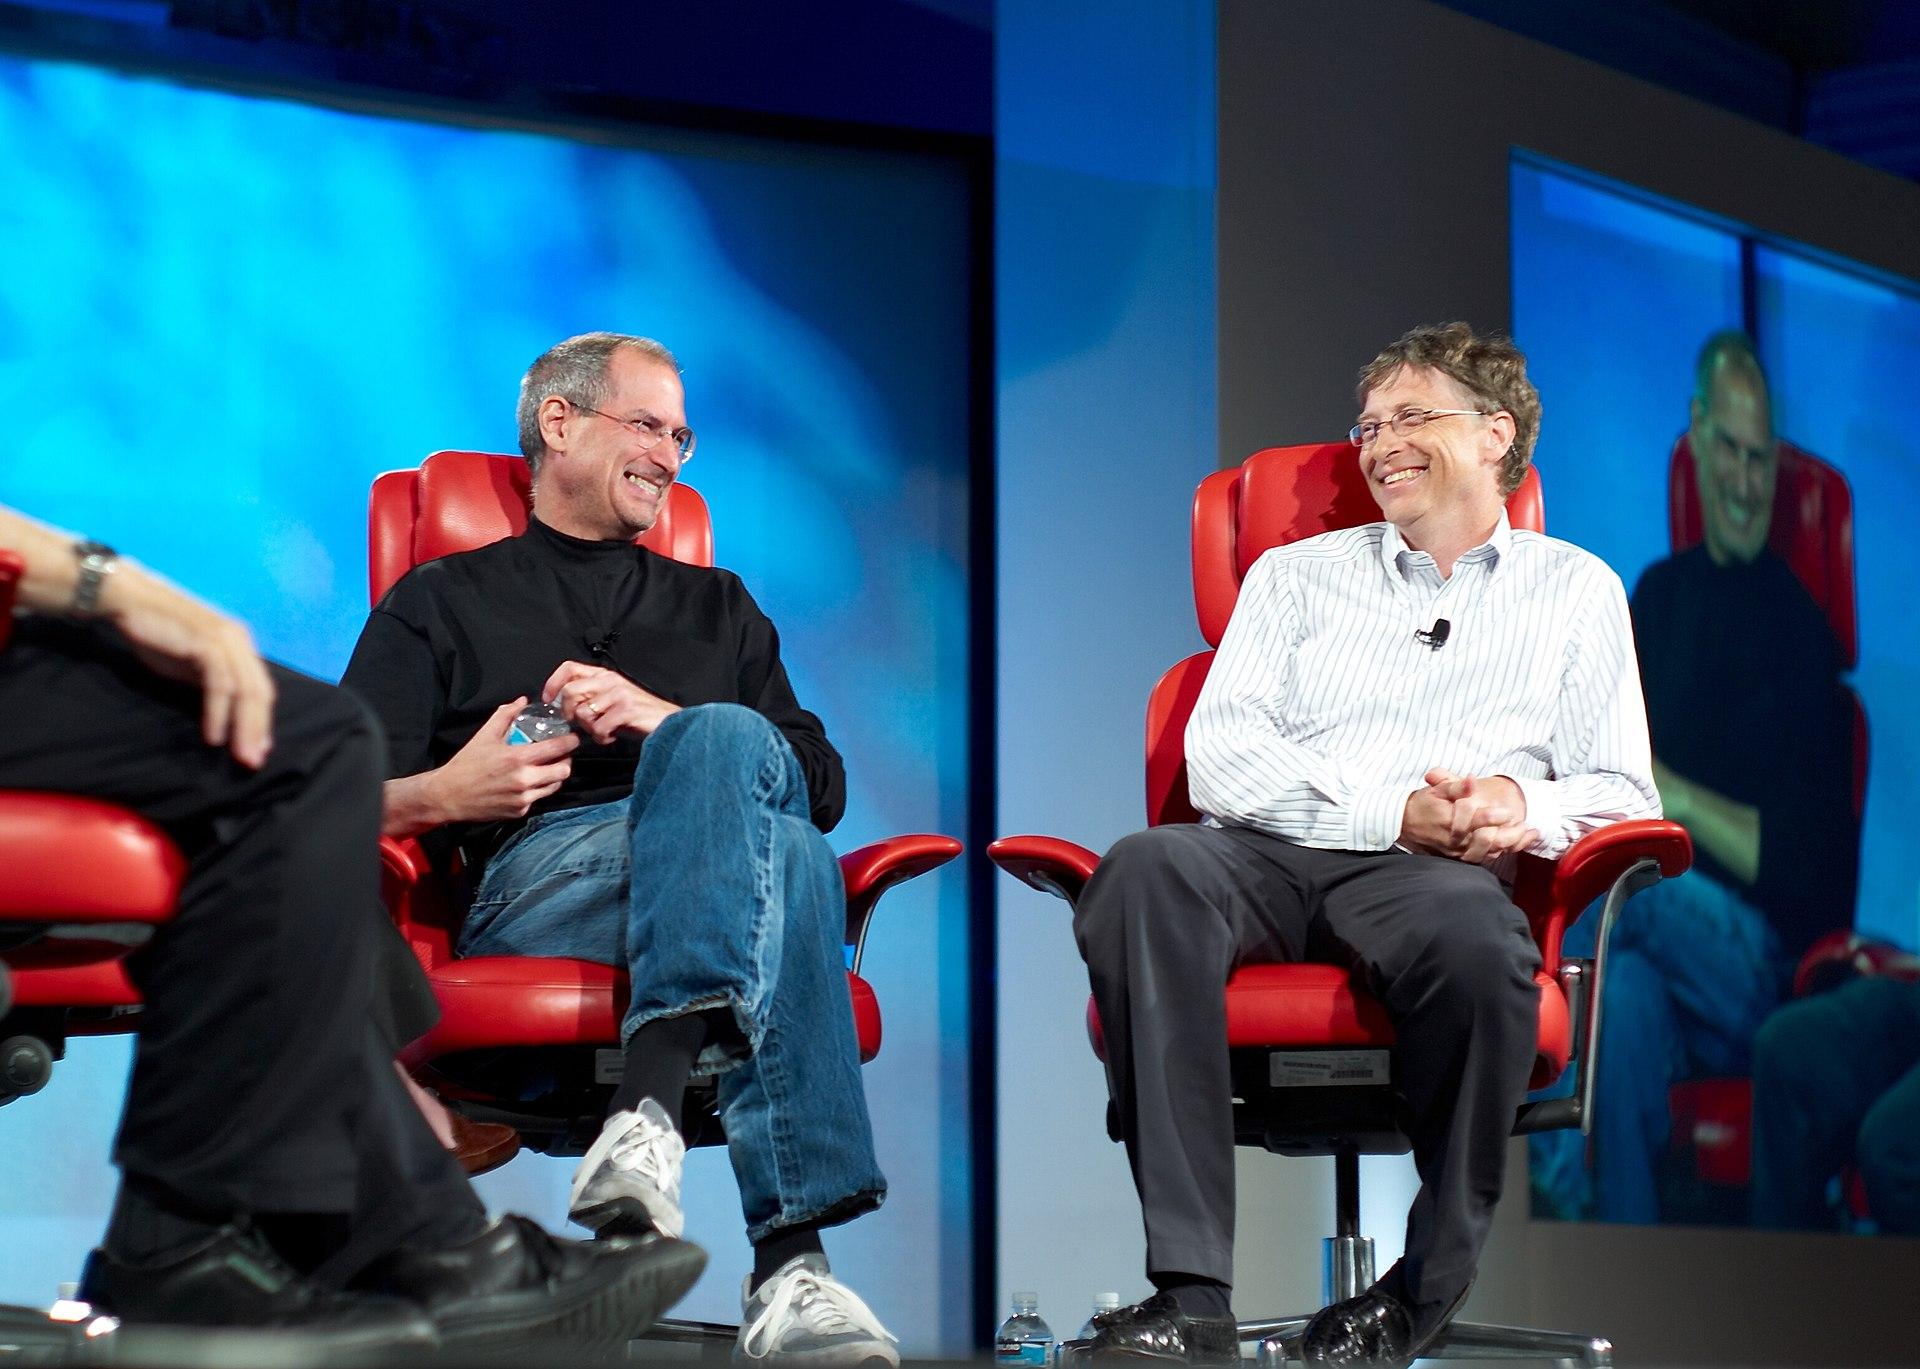 ジョブズとビル・ゲイツ(右)、2007年 Wikipediaより